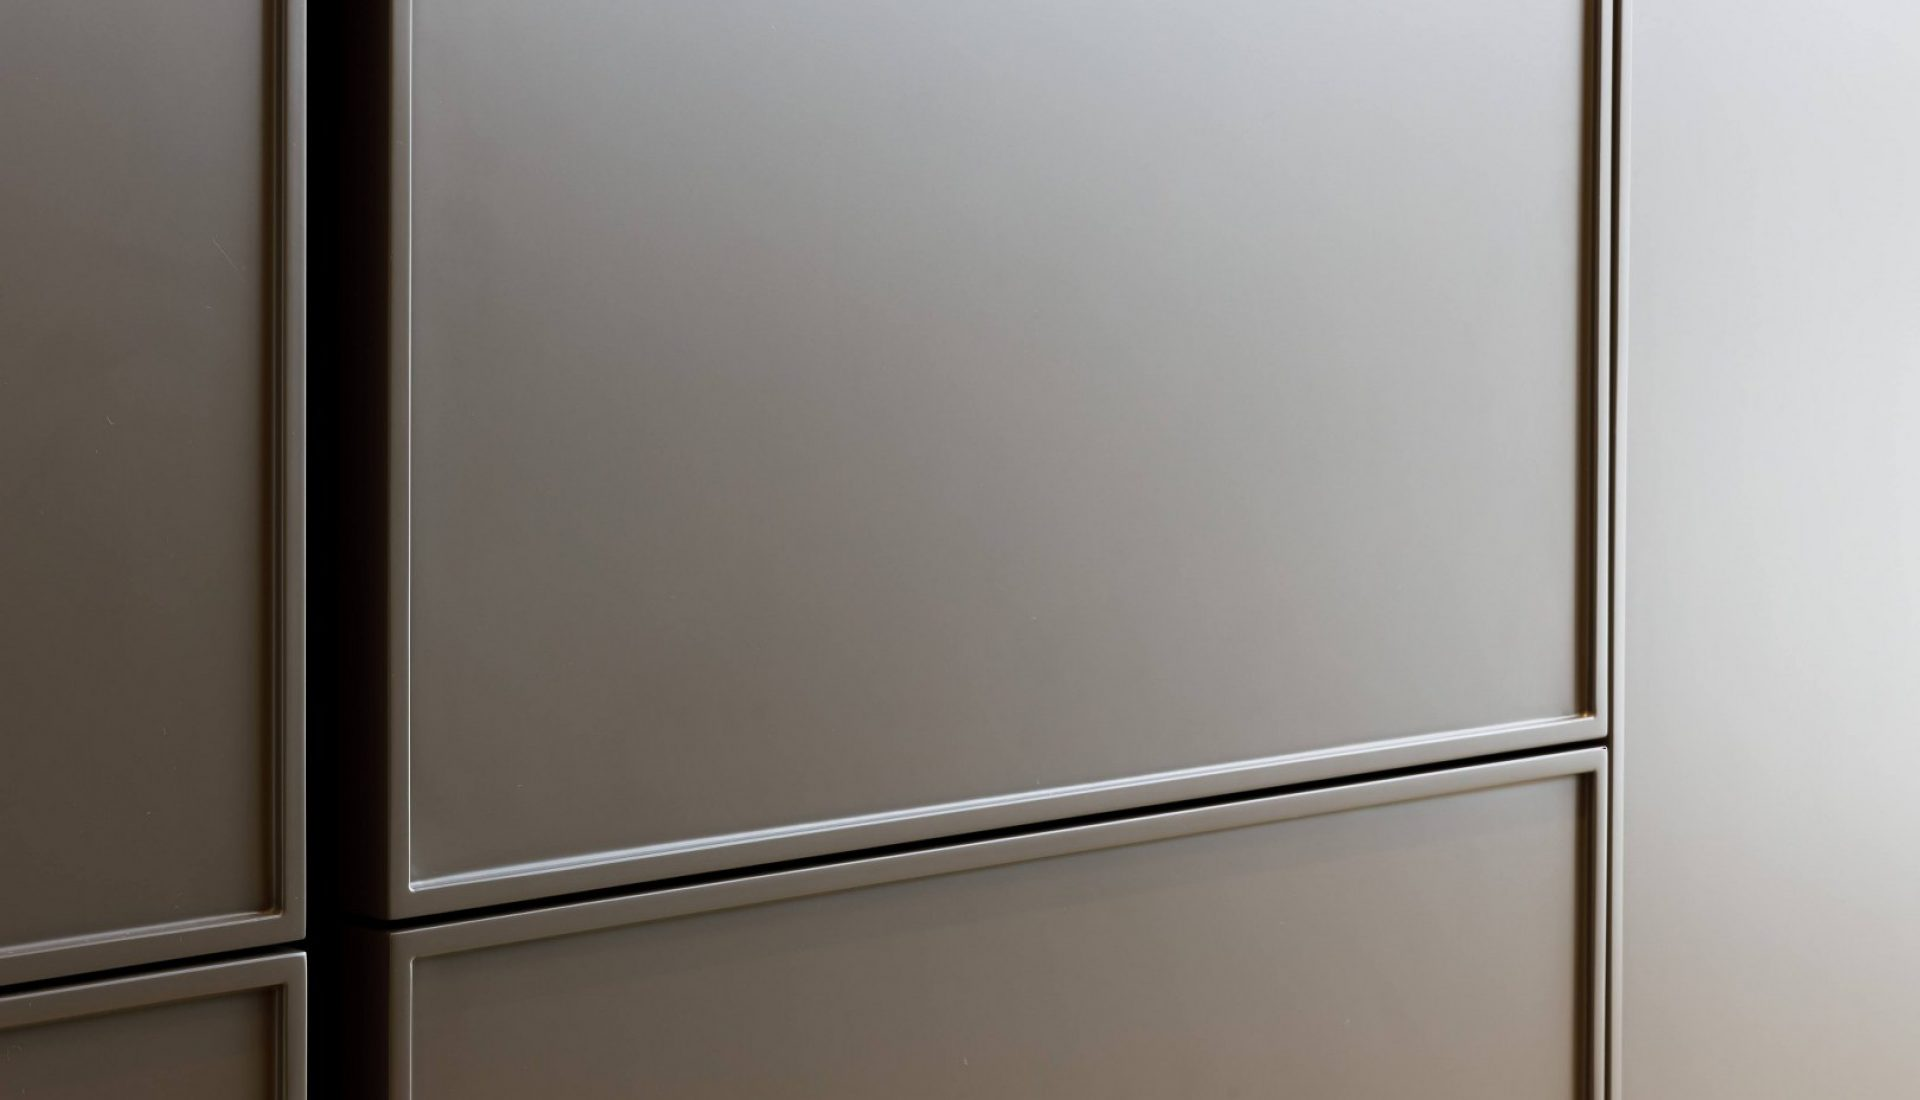 Semplice-grafit-delikatny-roz-Rzeszow-2021_02-7_1620x1080